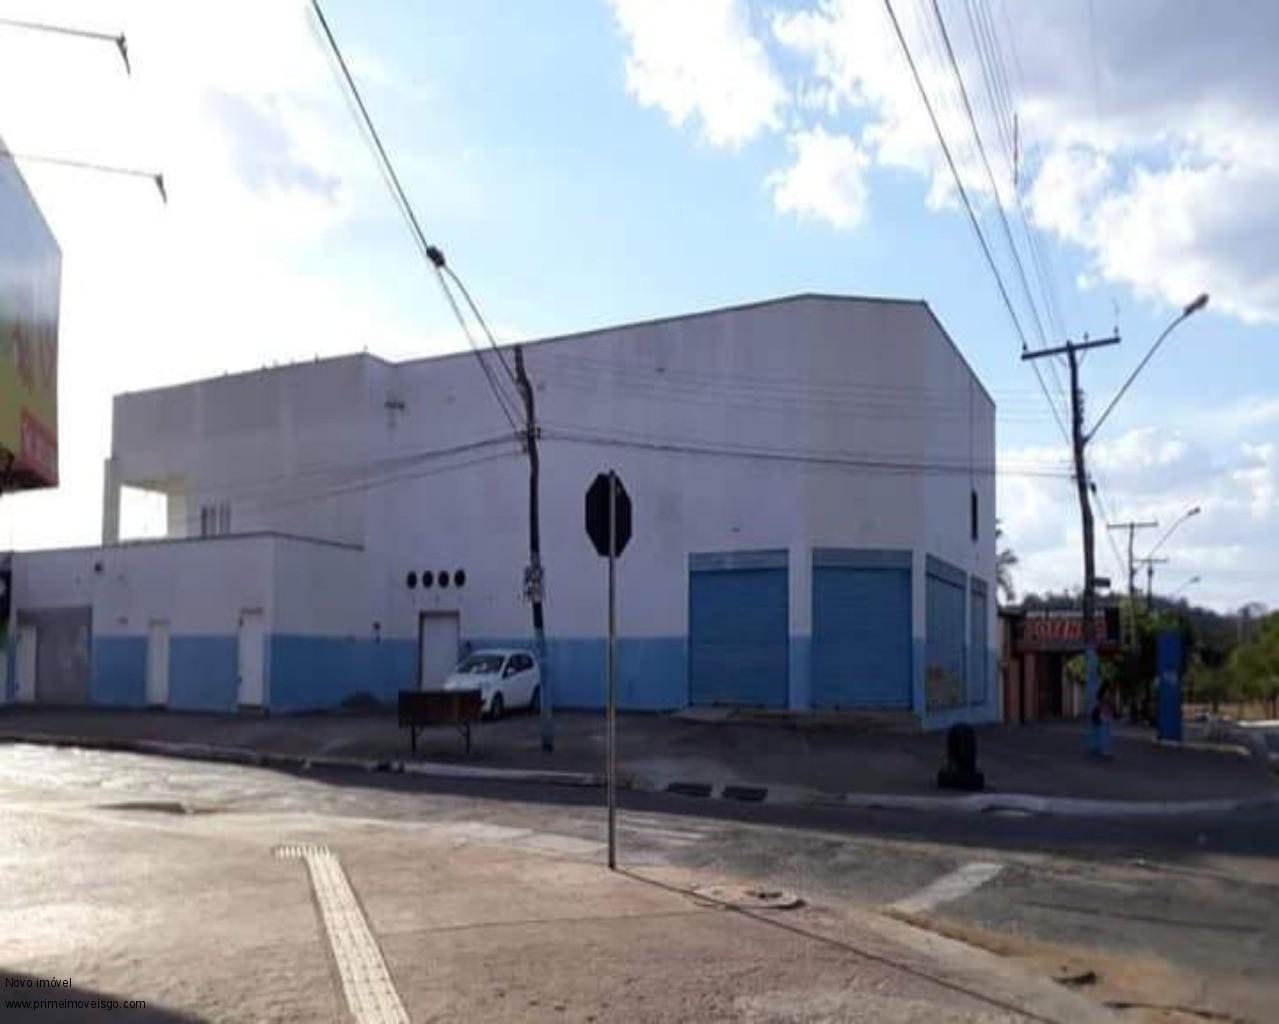 GALPAO COMERCIAL em GOIÂNIA - GO, PARQUE JOÃO BRAZ - CIDADE INDUSTRIAL